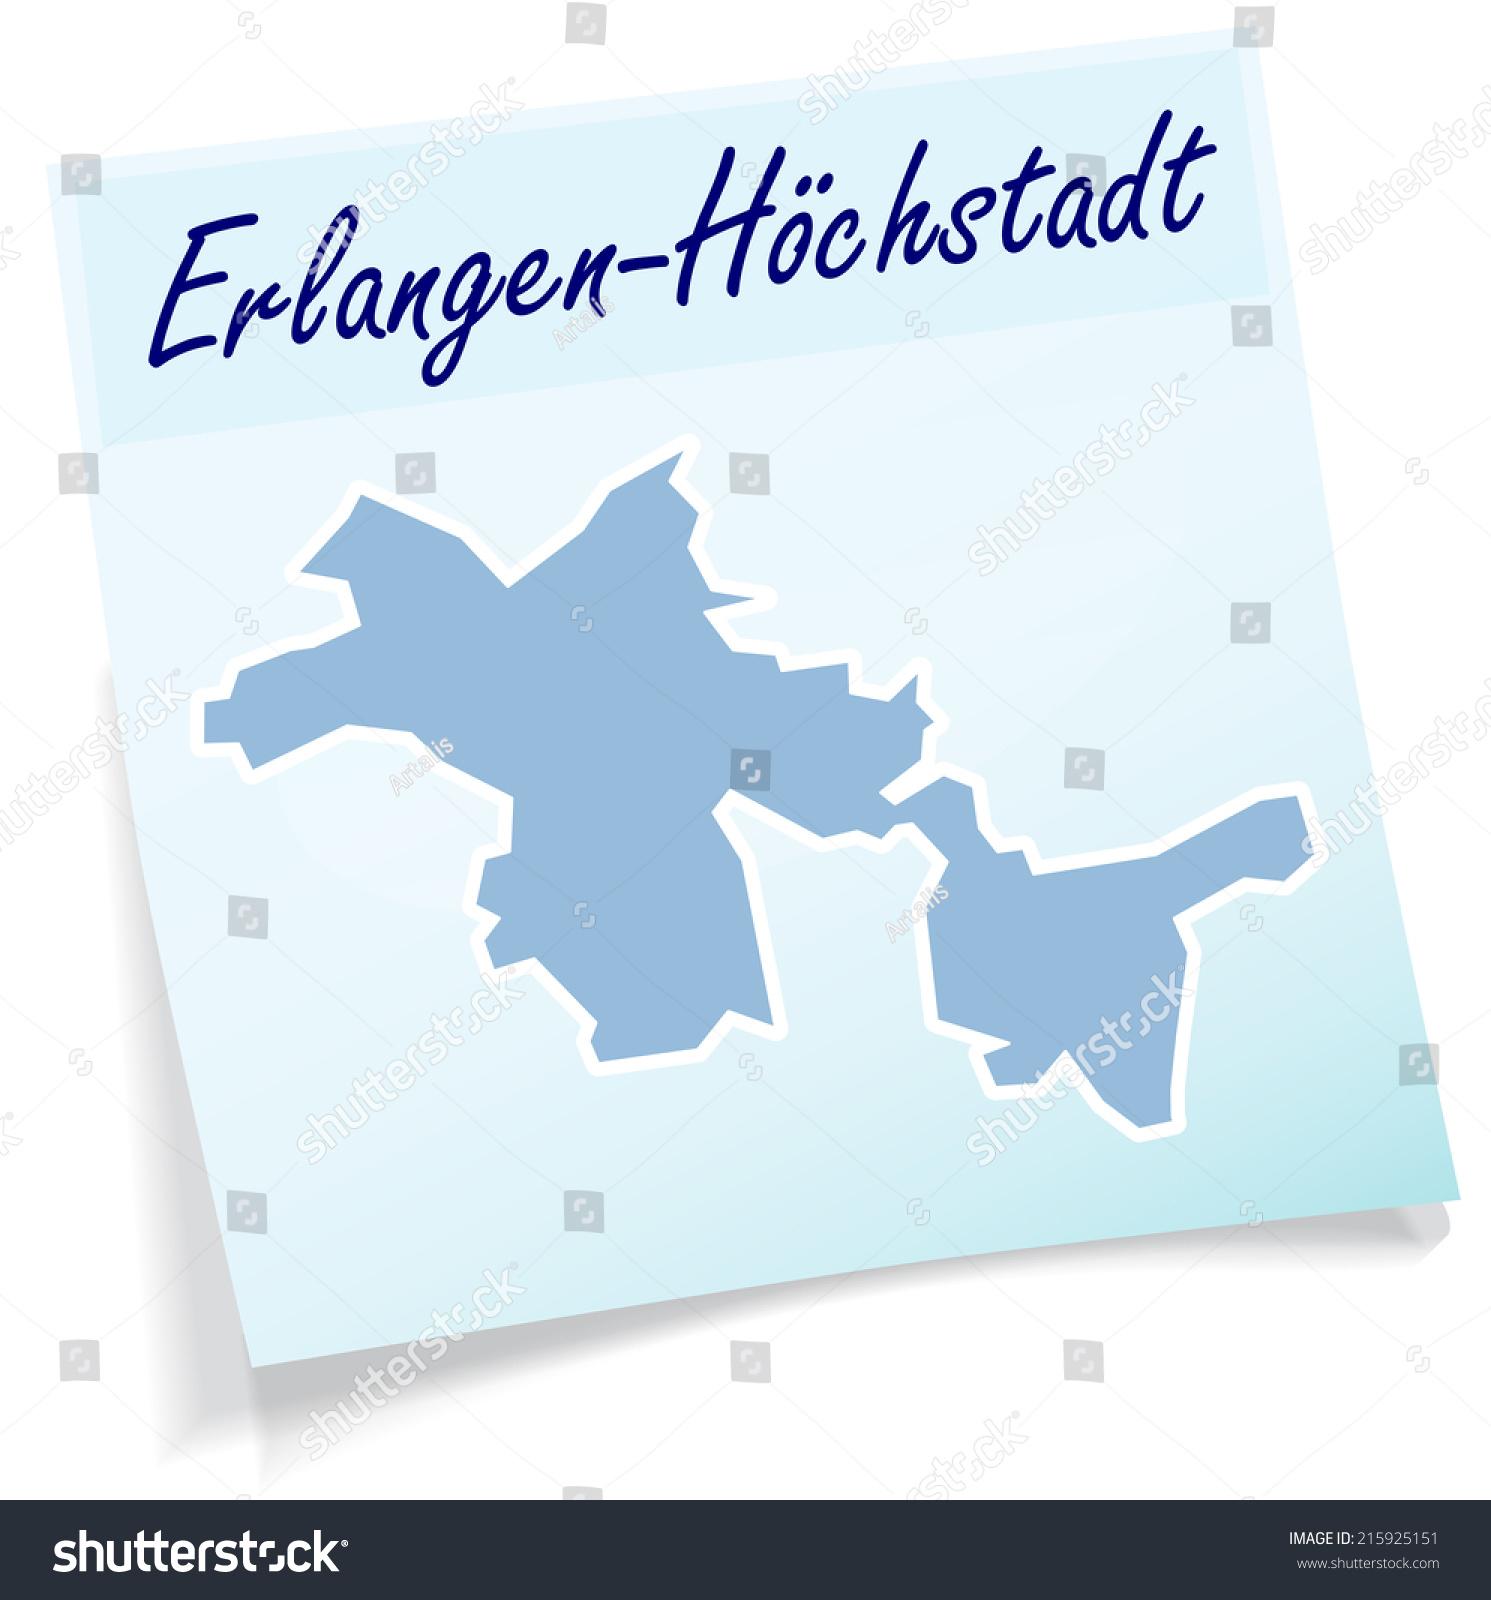 Map Erlangenhoechstadt Sticky Note Blue Stock Vector - Erlangen map